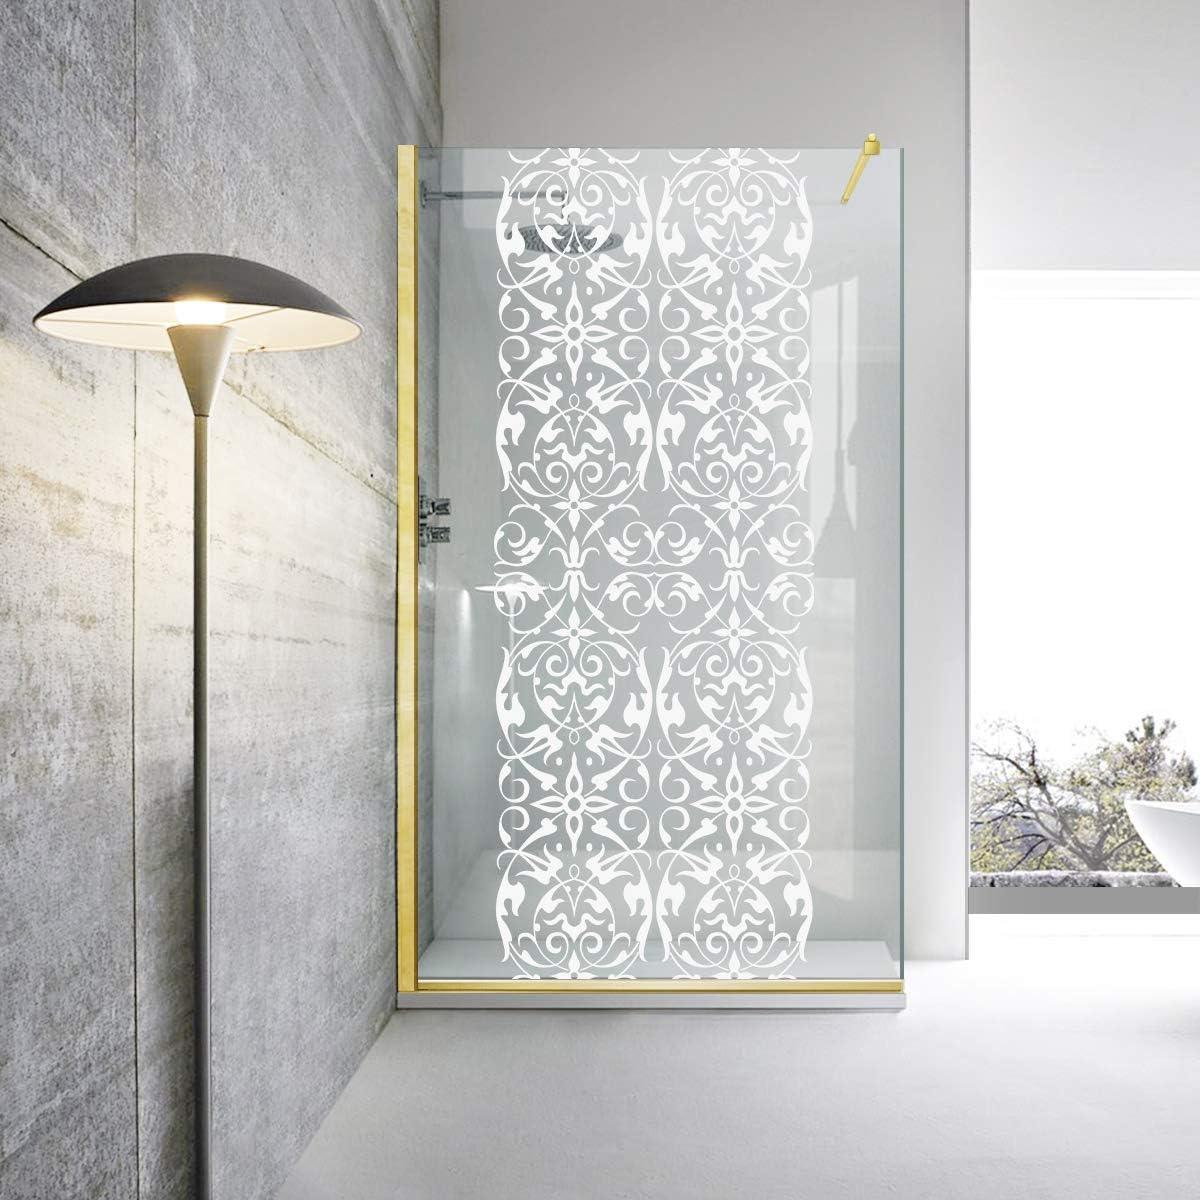 Modern Glass Art Leroy Timeless Regency Classic - Mampara de ducha (8 mm, cristal templado de seguridad, nano, acabado de latón dorado), dorado: Amazon.es: Bricolaje y herramientas